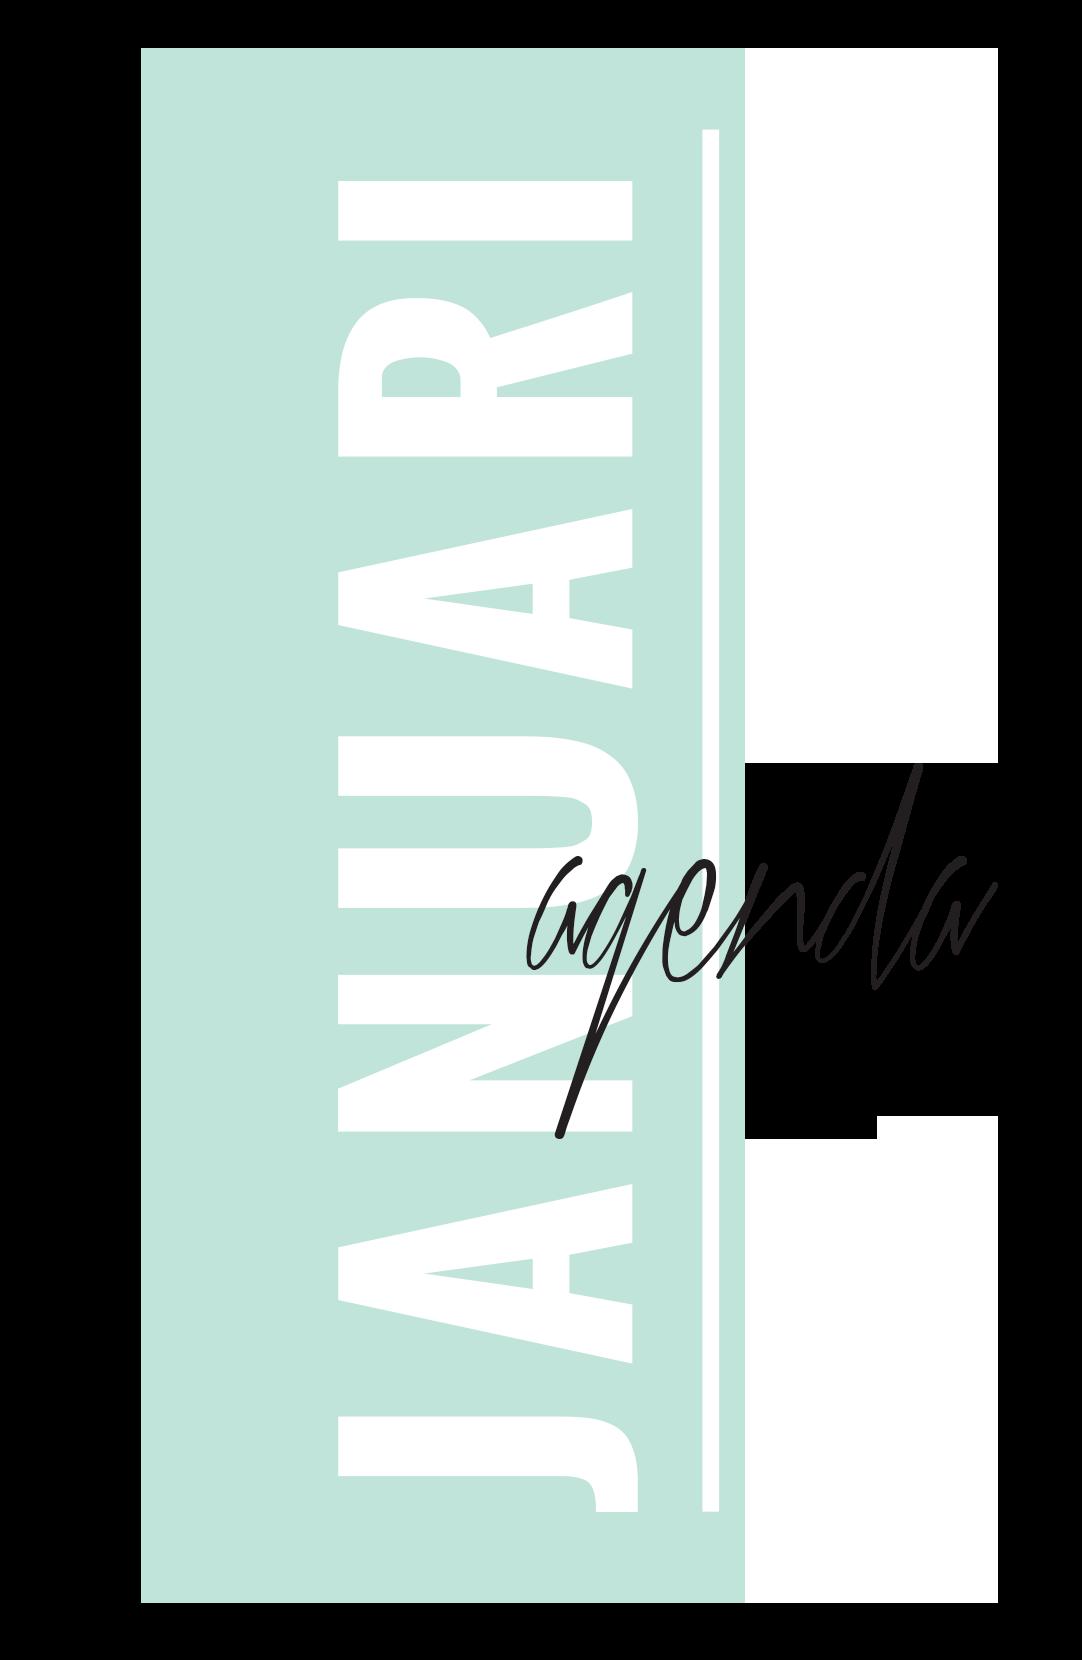 AGENDA-jan.png